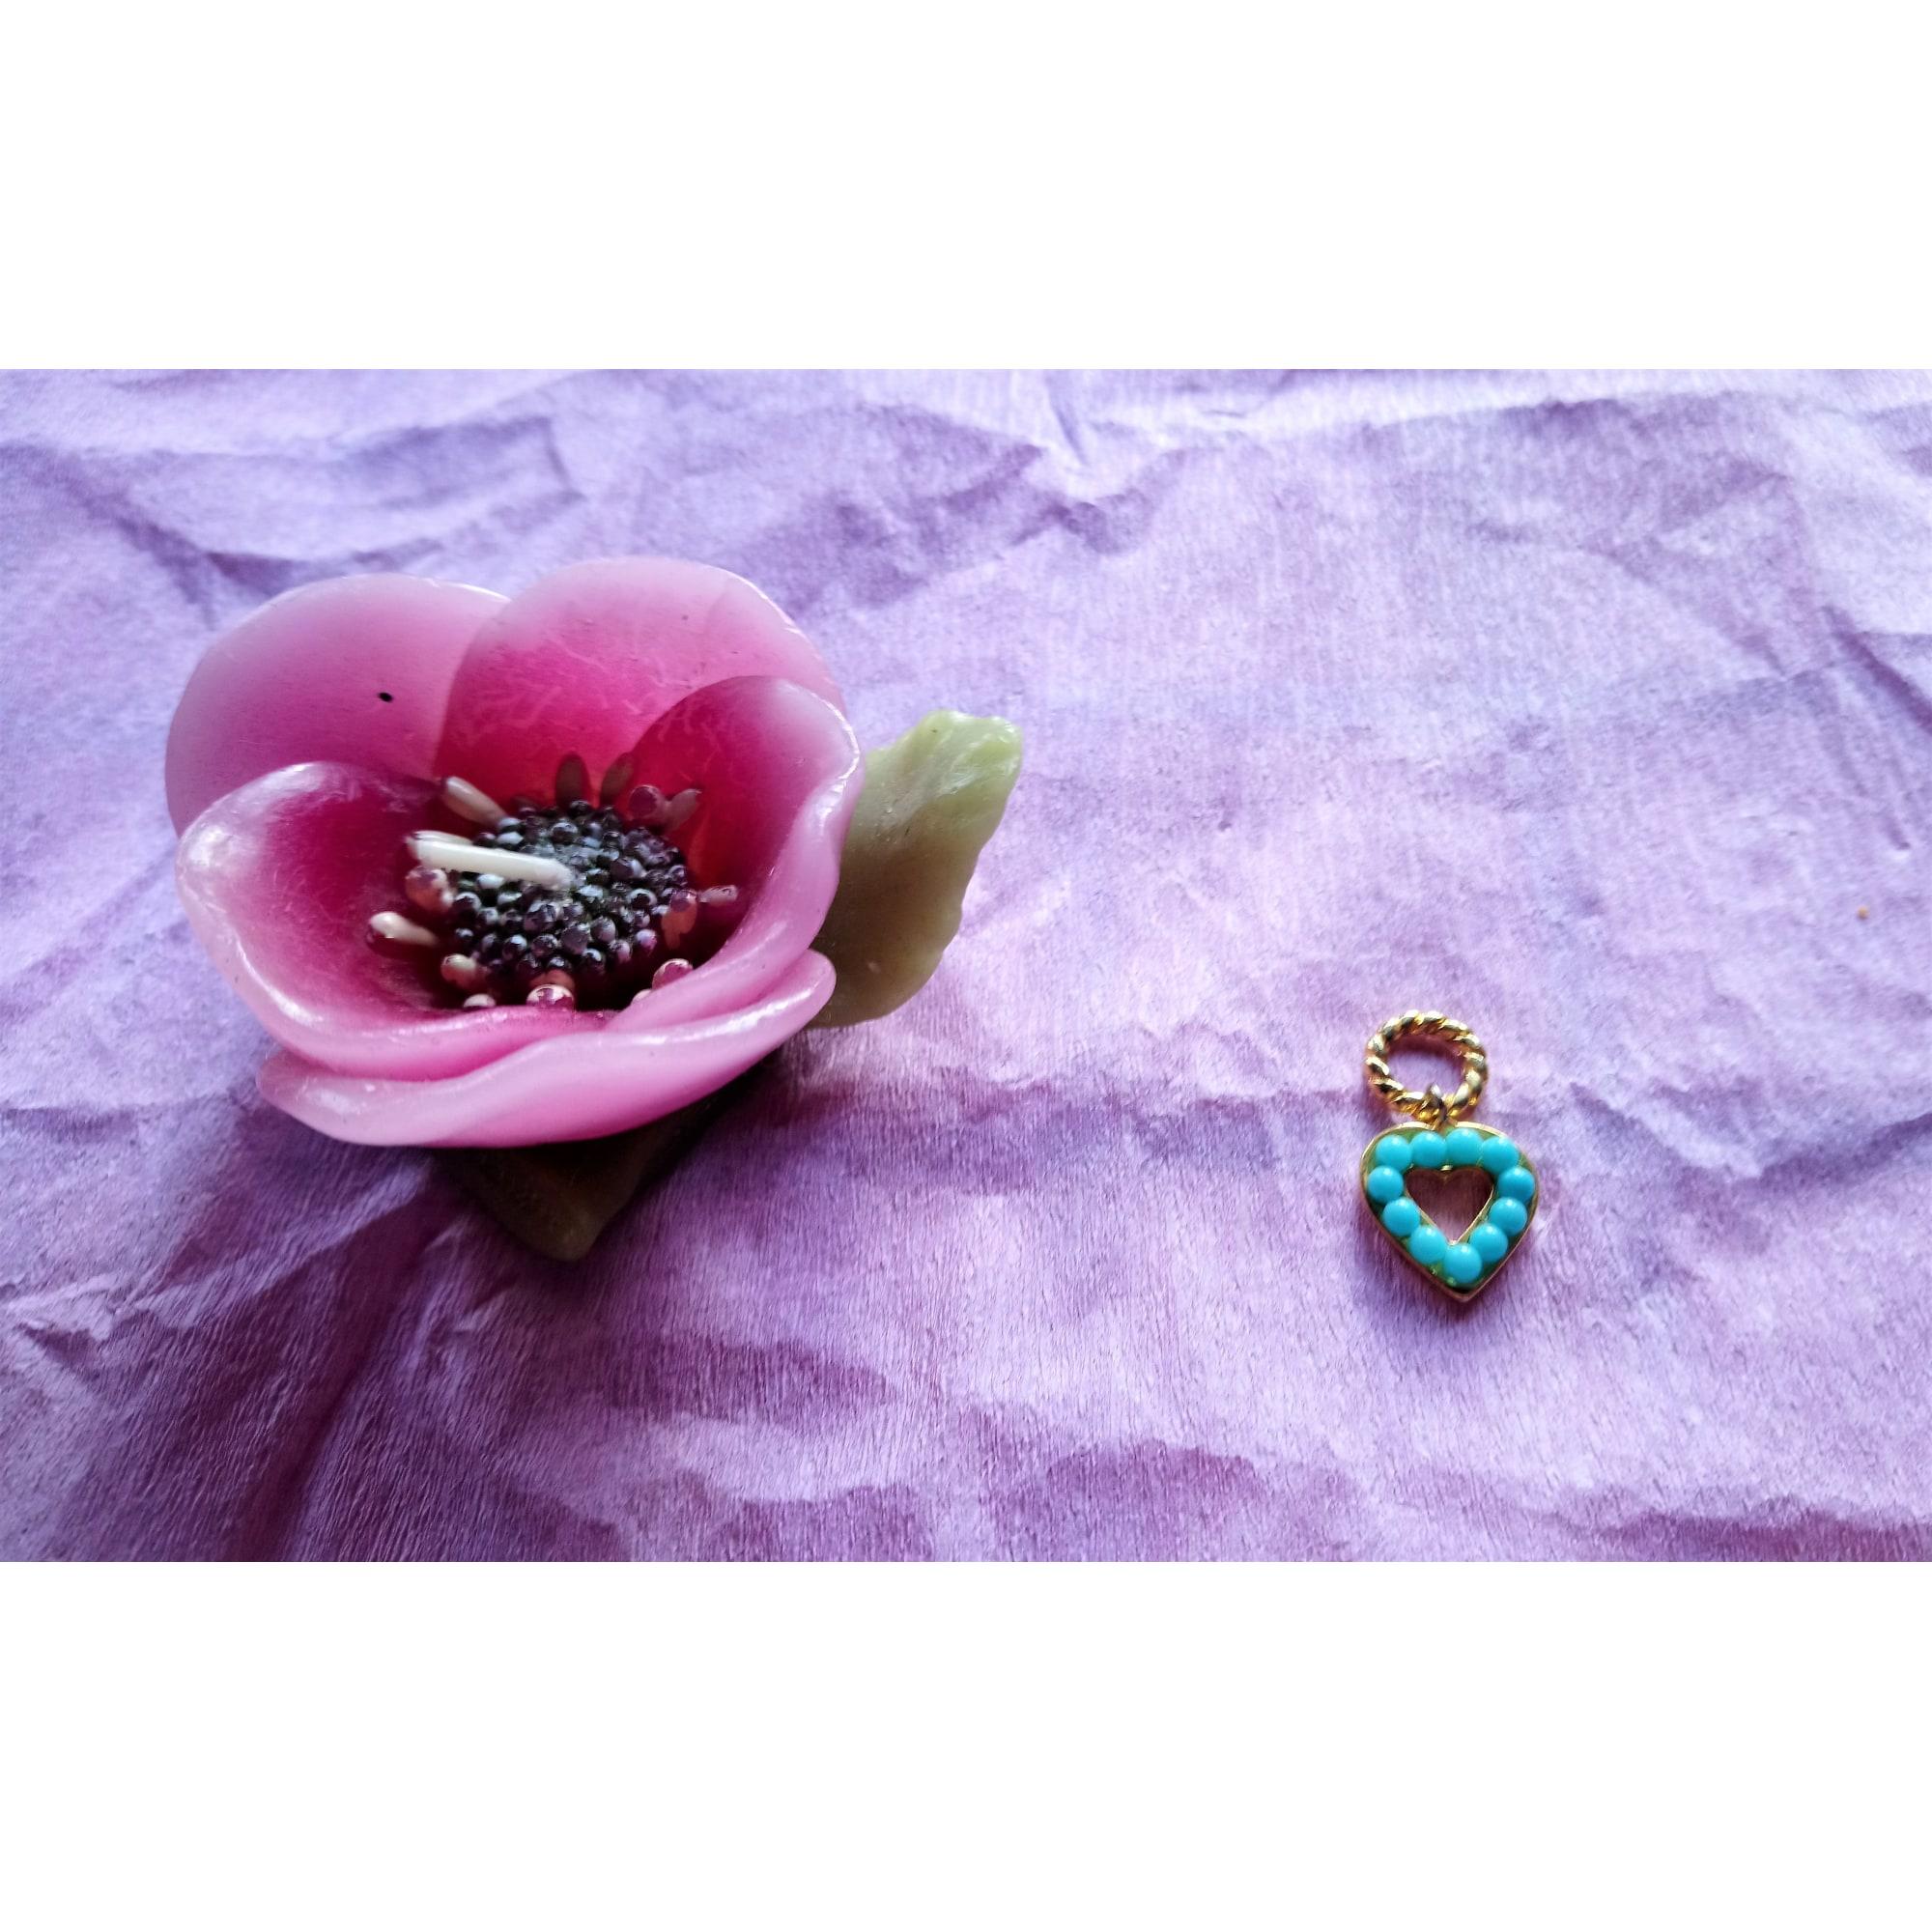 Pendentif, collier pendentif NO COLLECTION Bleu, bleu marine, bleu turquoise